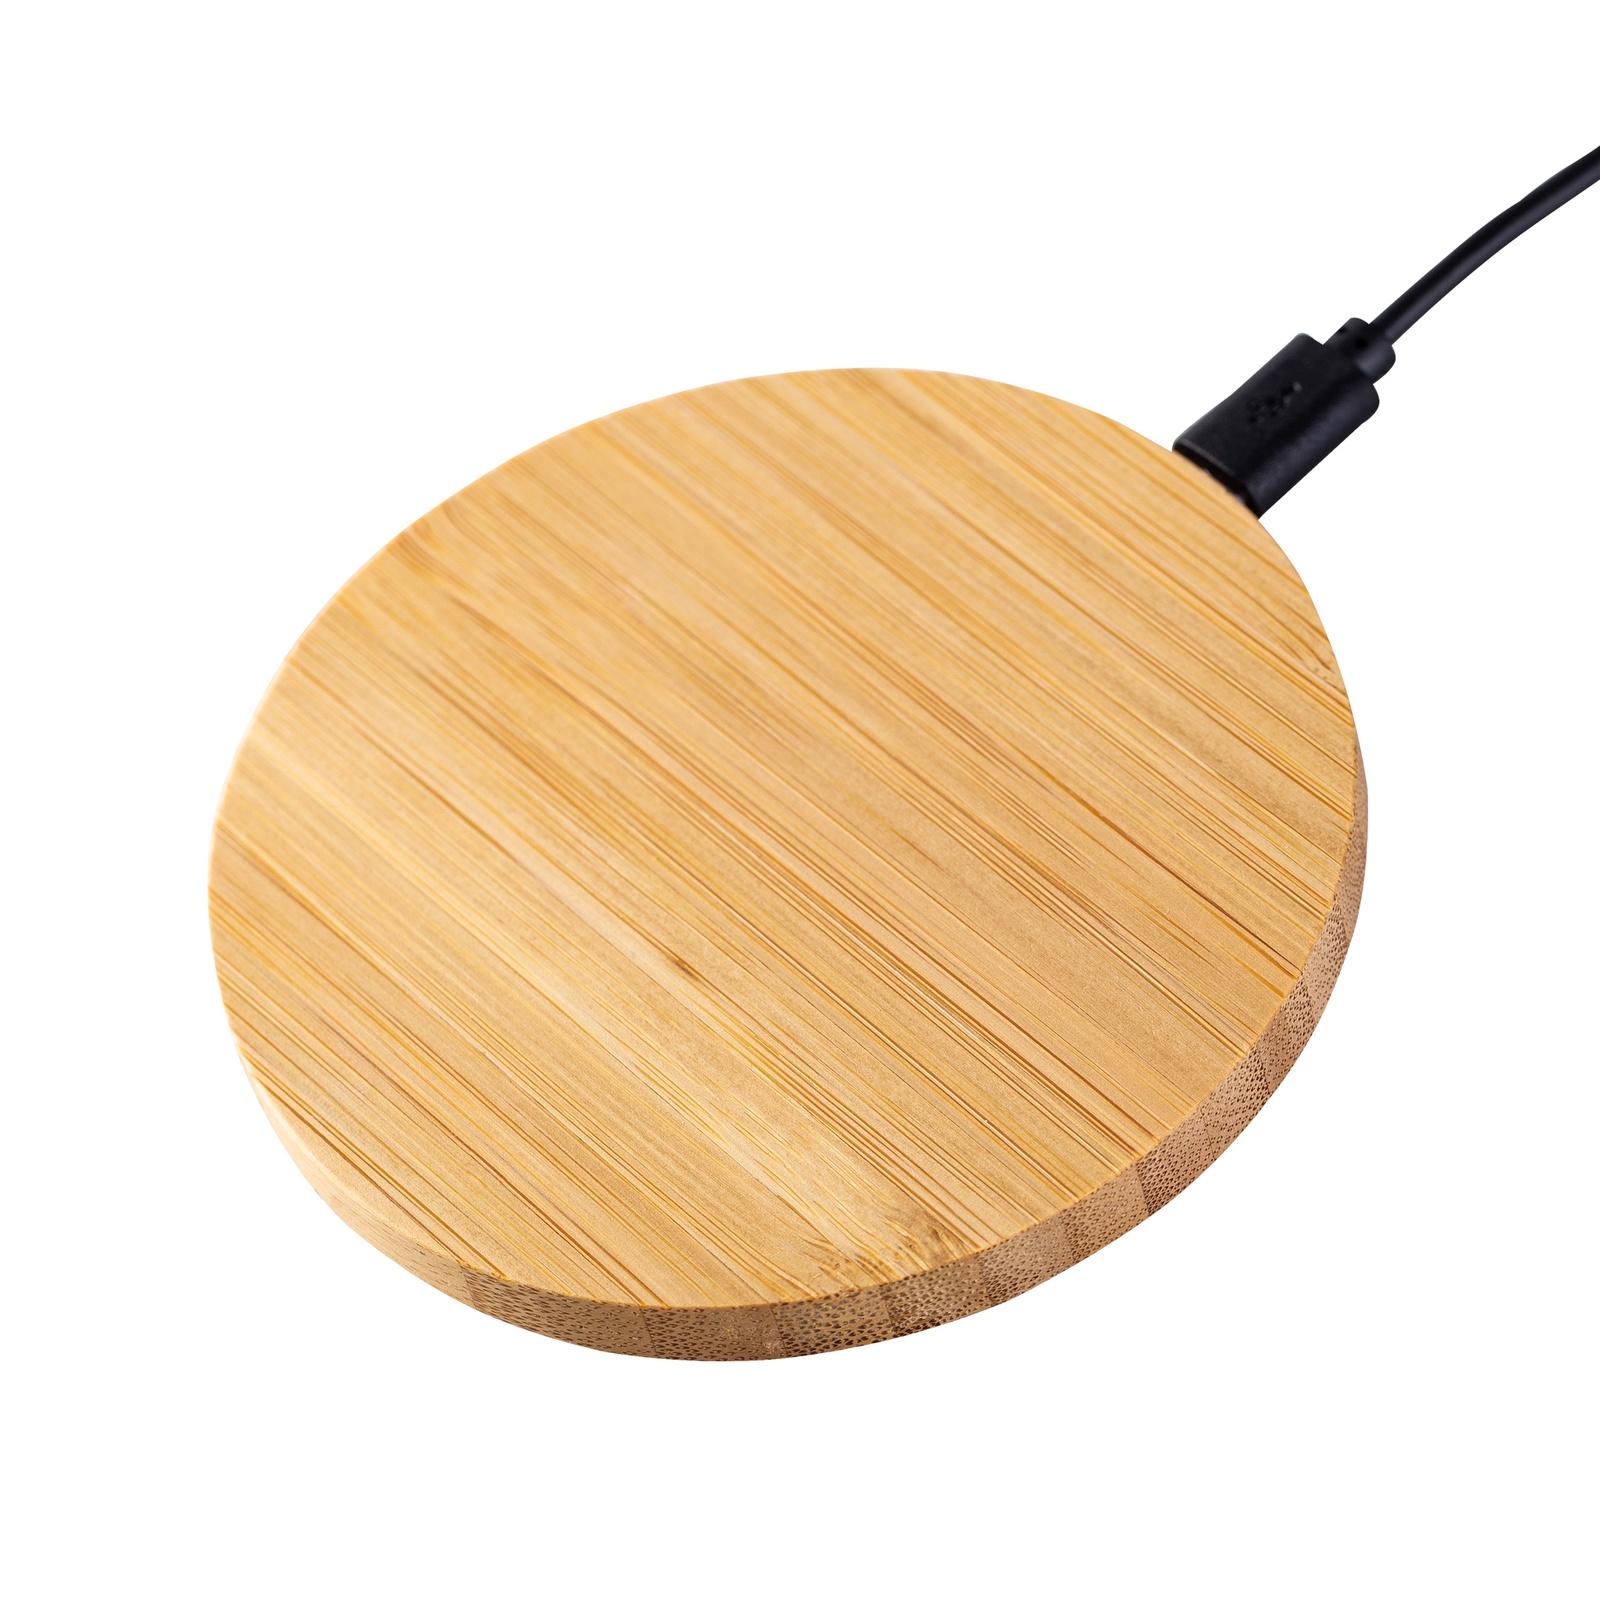 Фото - Беспроводная зарядка Fantasy Bamboo беспроводная зарядка universal